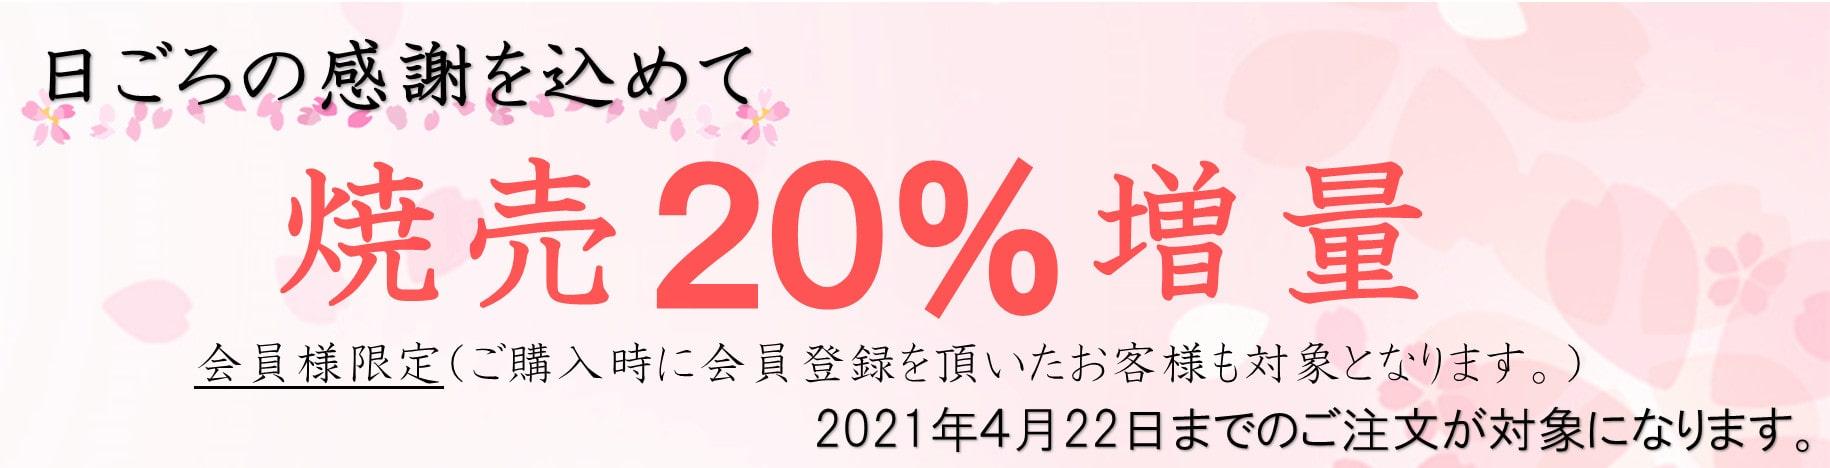 京都鳳焼売通販オンラインショップ2021年4月22日まで会員様20%増量中